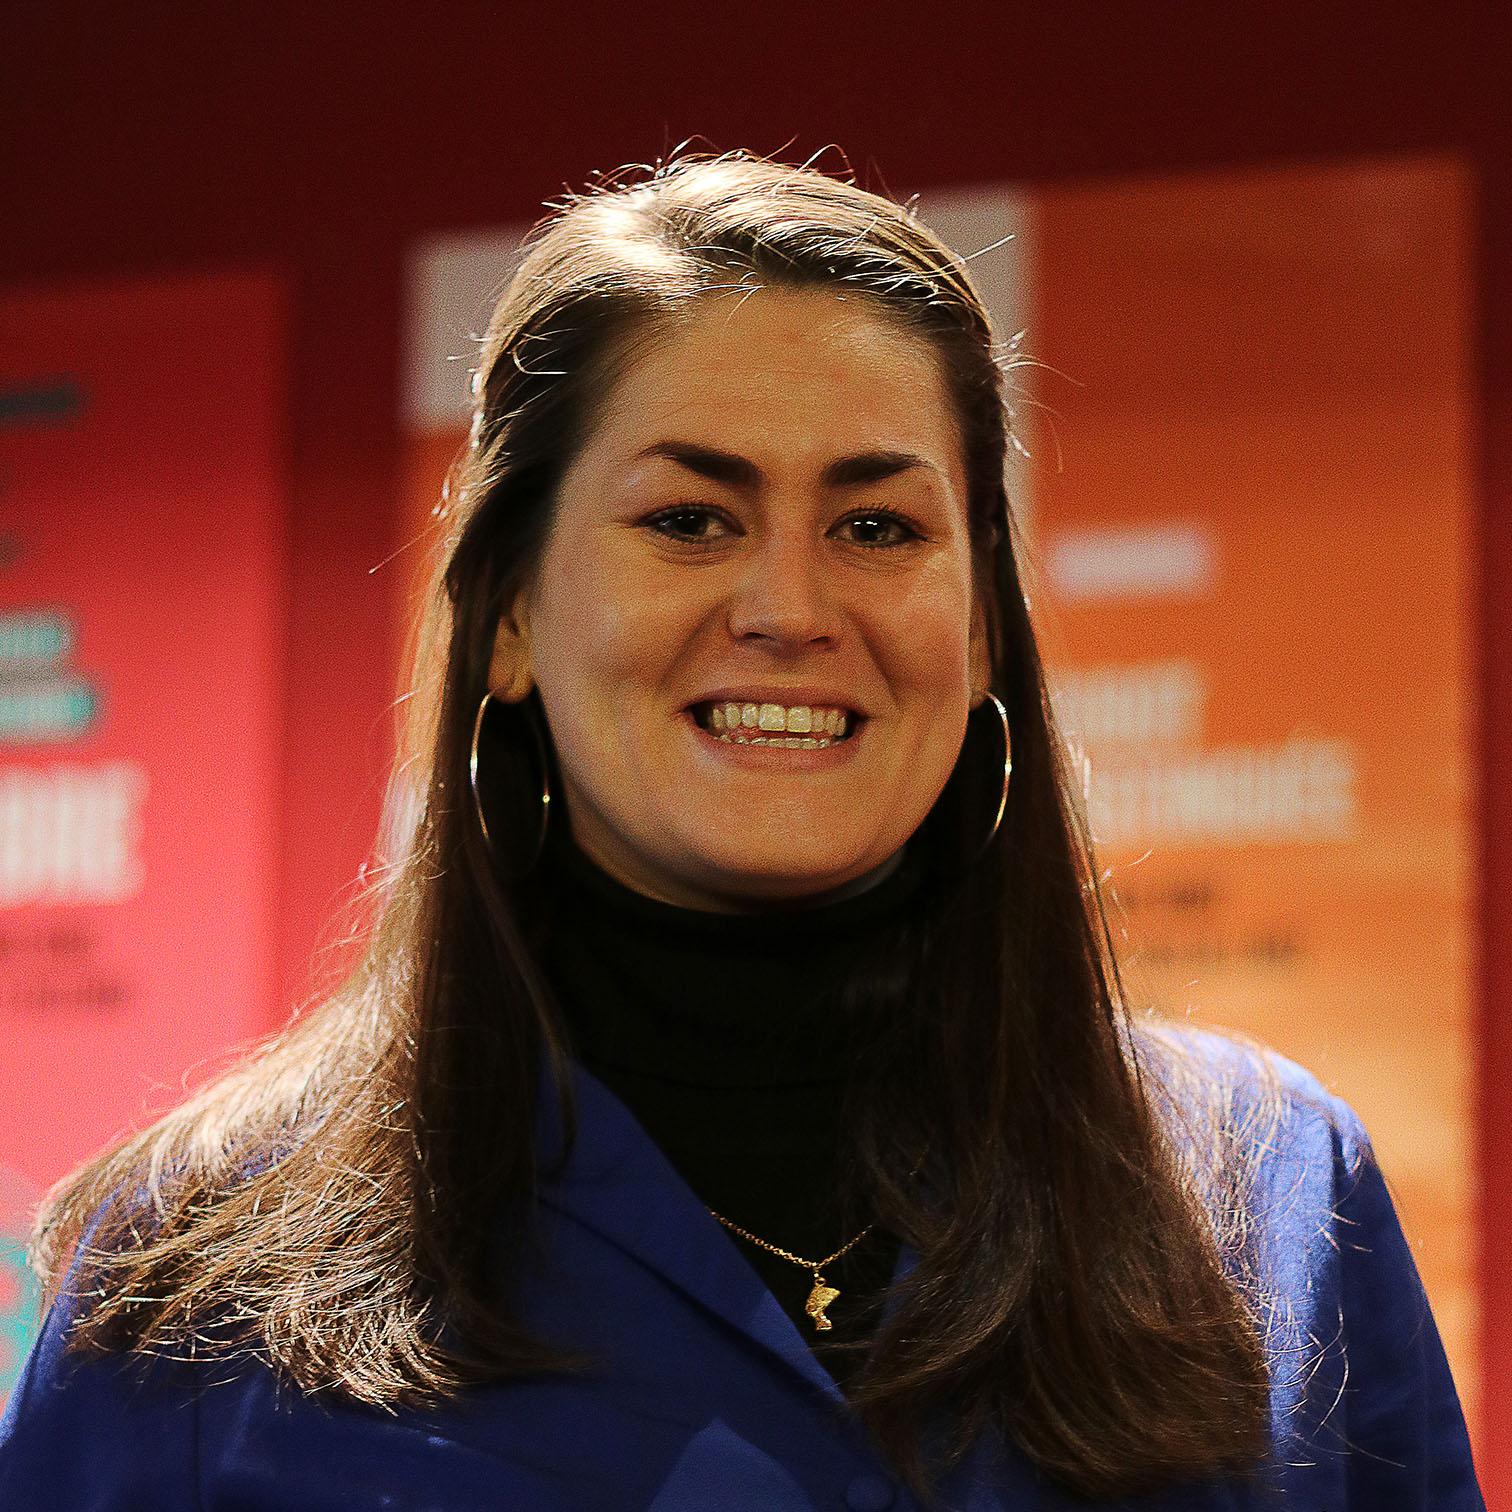 Célia Viale